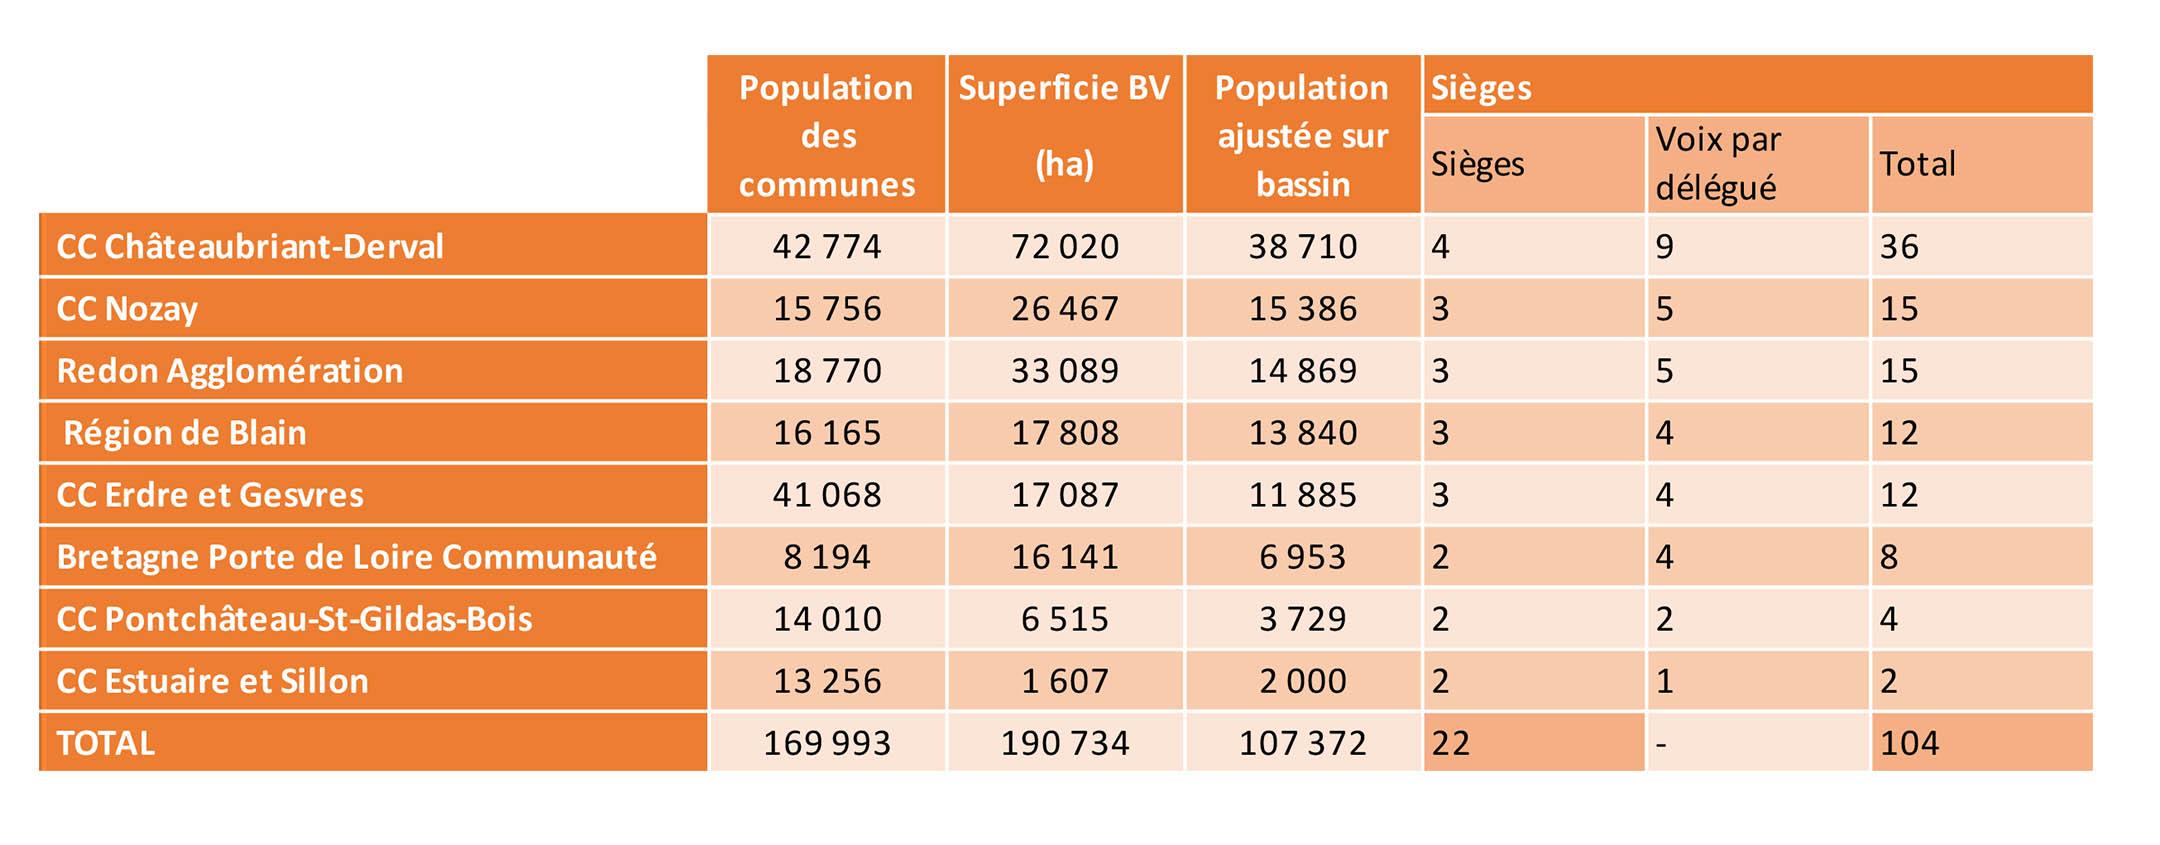 Tableau de répartition des voix et du nombre d'elus délégués du syndicat chère don isac - 2019